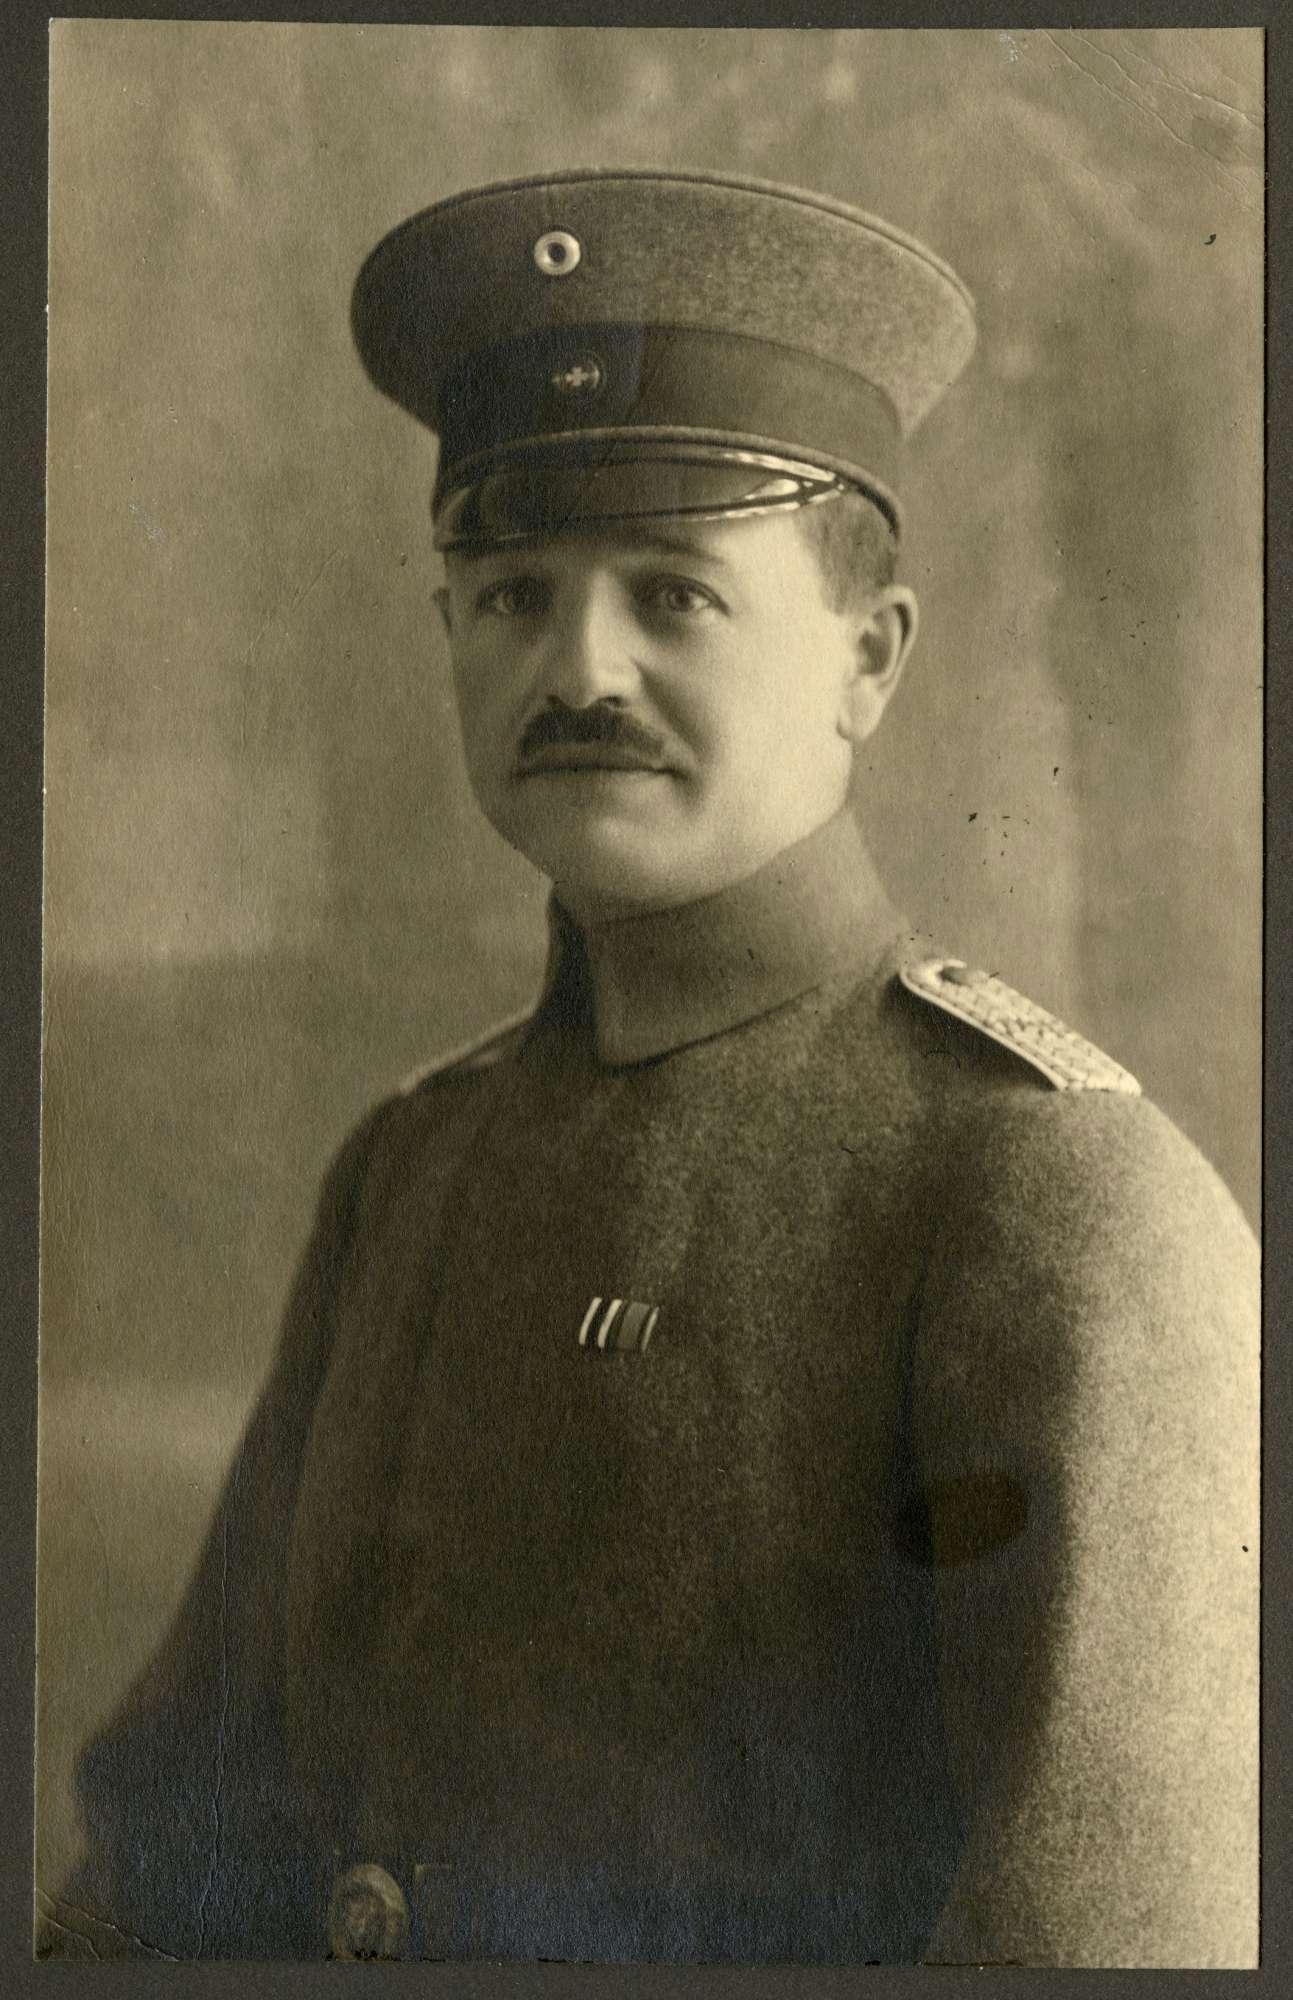 Votteler, Gustav, Bild 1